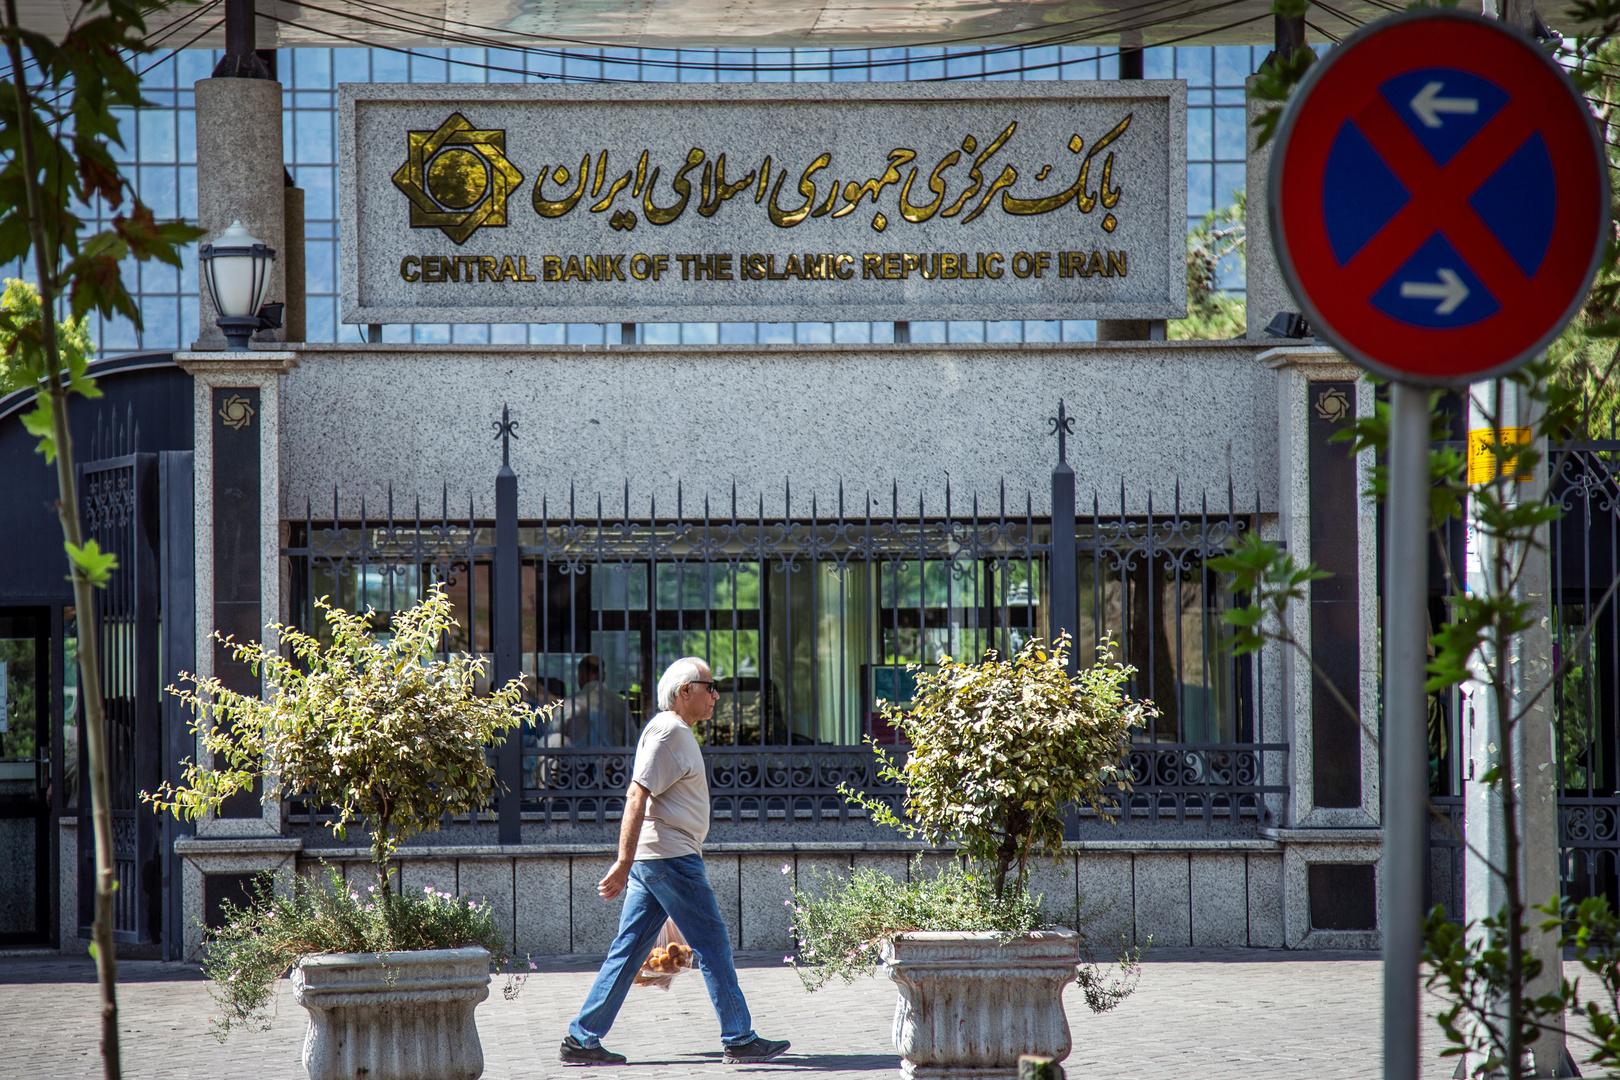 إيران تبحث مع كوريا الجنوبية استرجاع جزء من أموالها المحتجزة في سيئول